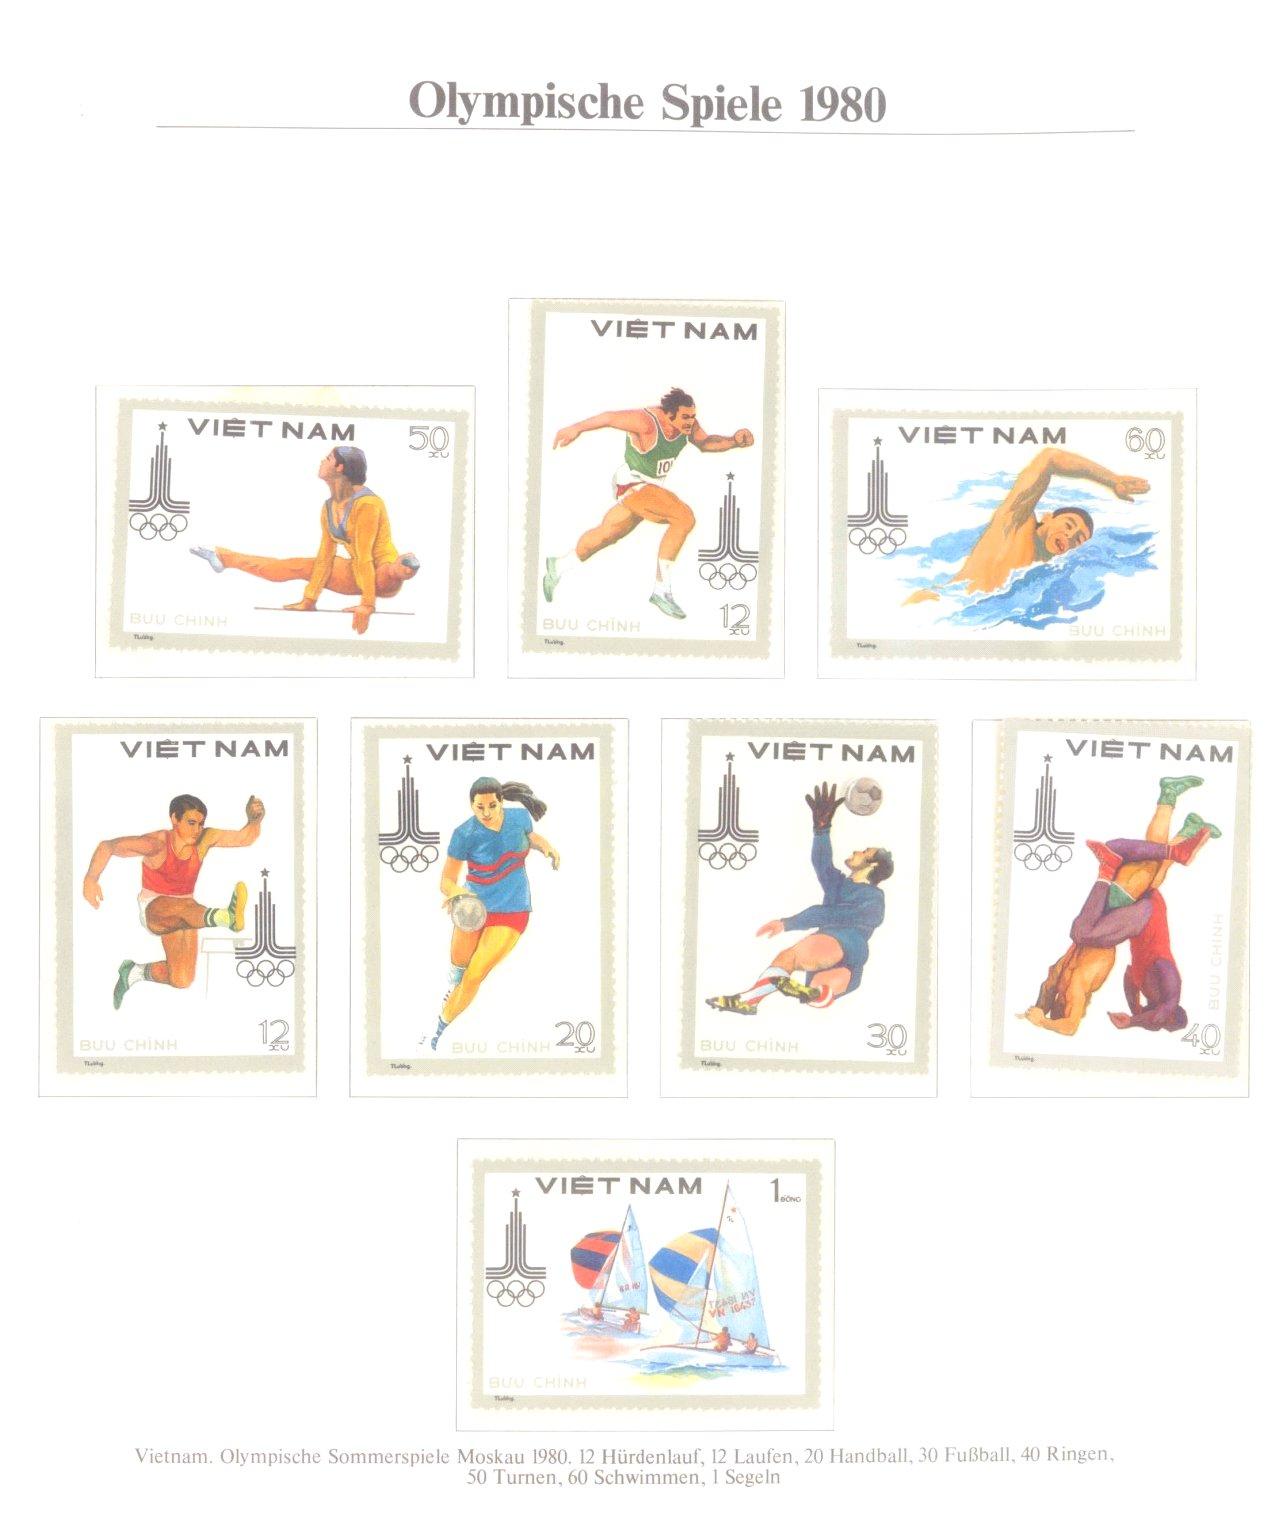 3 Alben Olympische Spiele 1980 in Moskau / Lake Placid-8